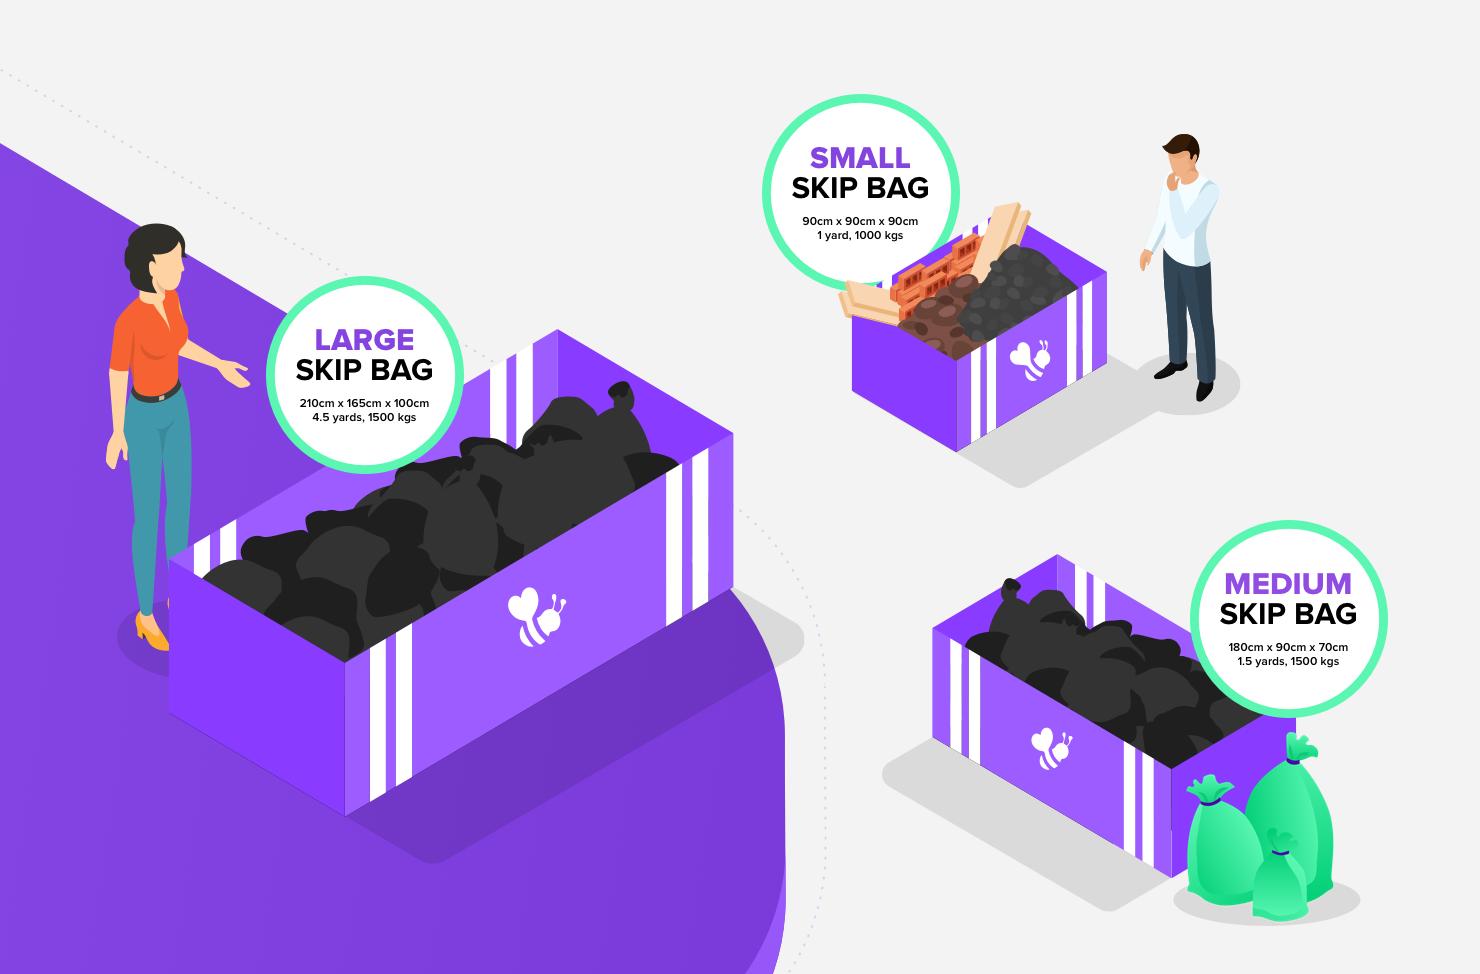 large skip bag size